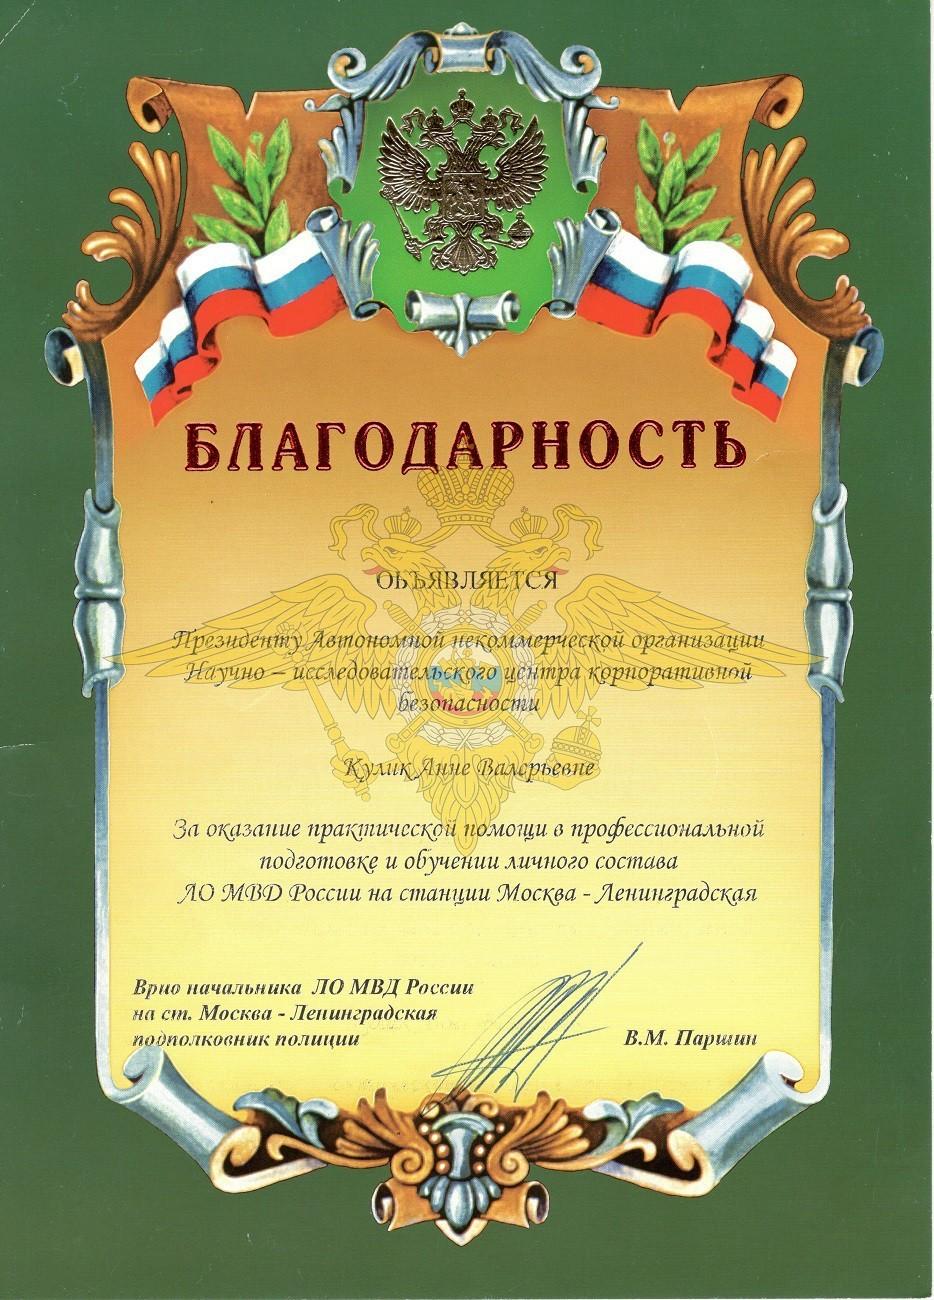 Благодарность от МВД Москва-Ленинградская Анне Кулик